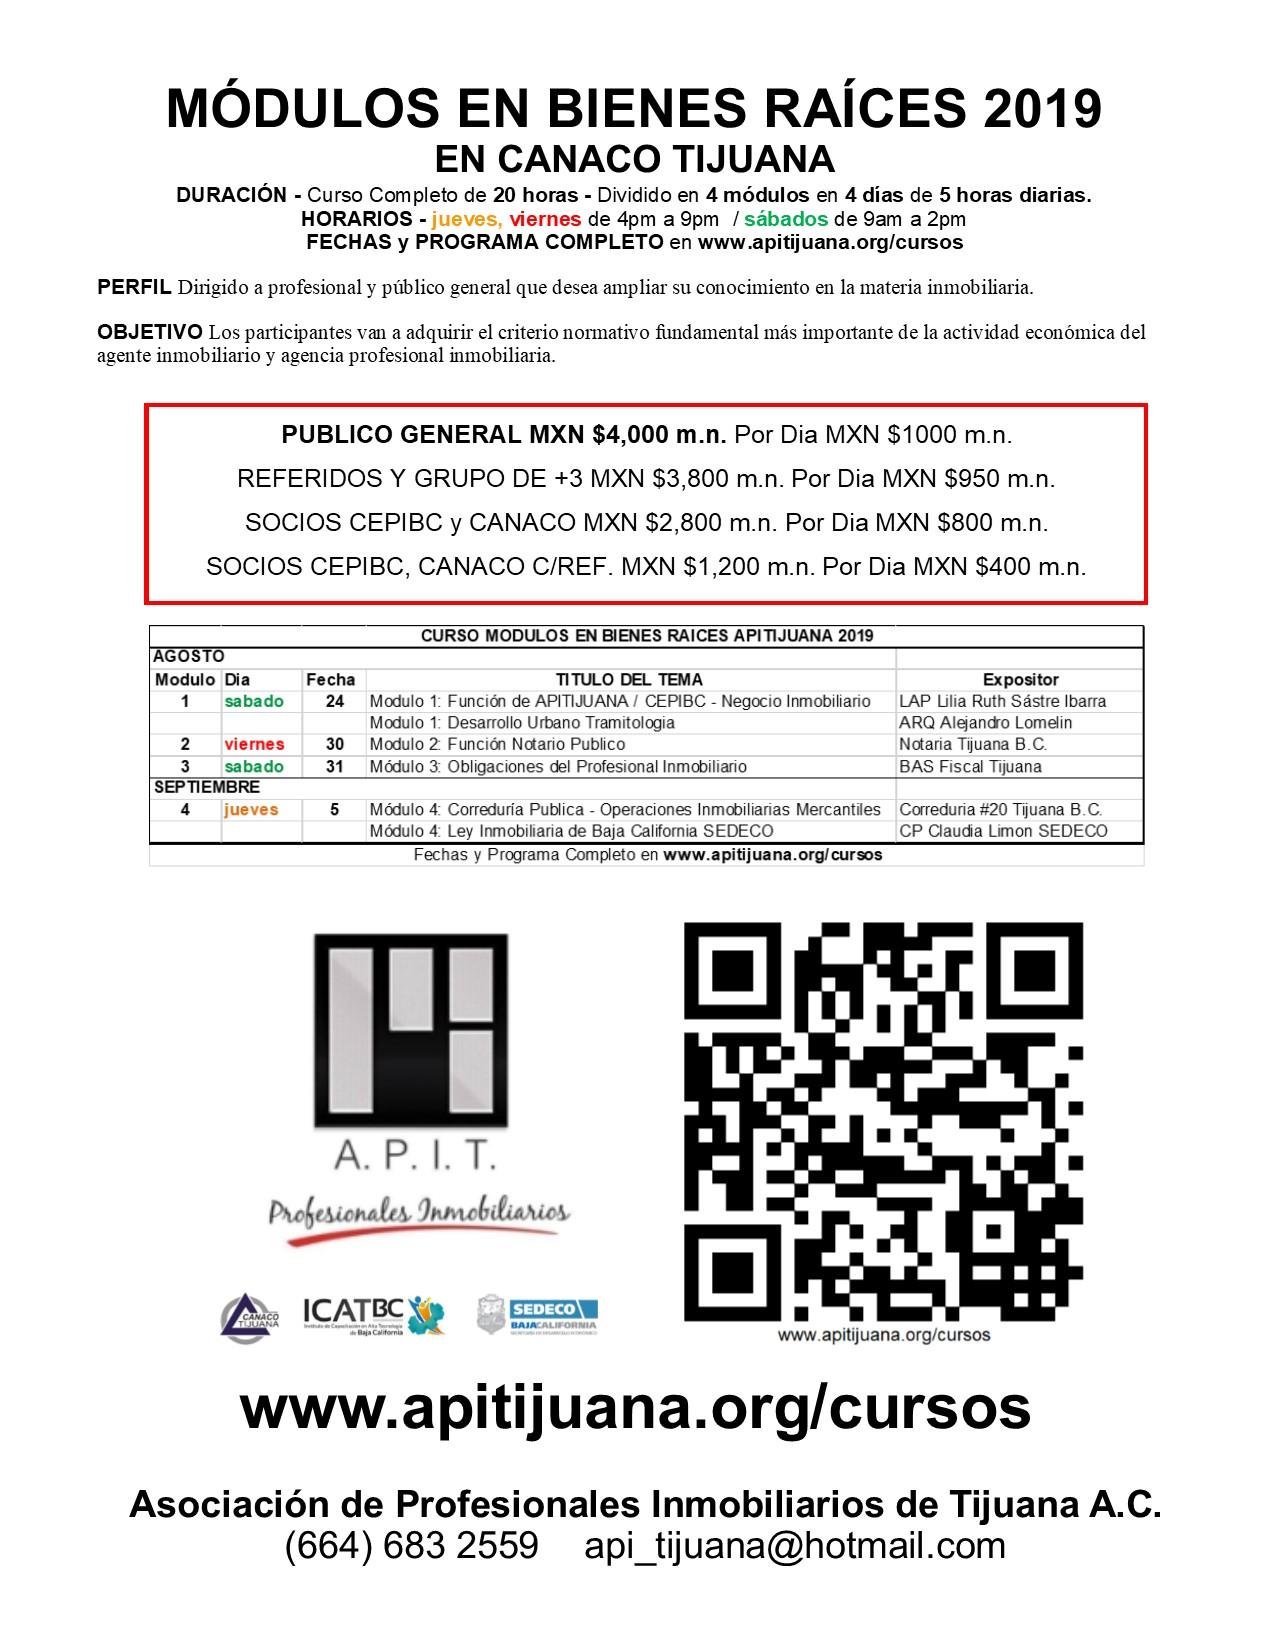 MODULOS_BASICOS_APITIJUANA_201900816.jpg